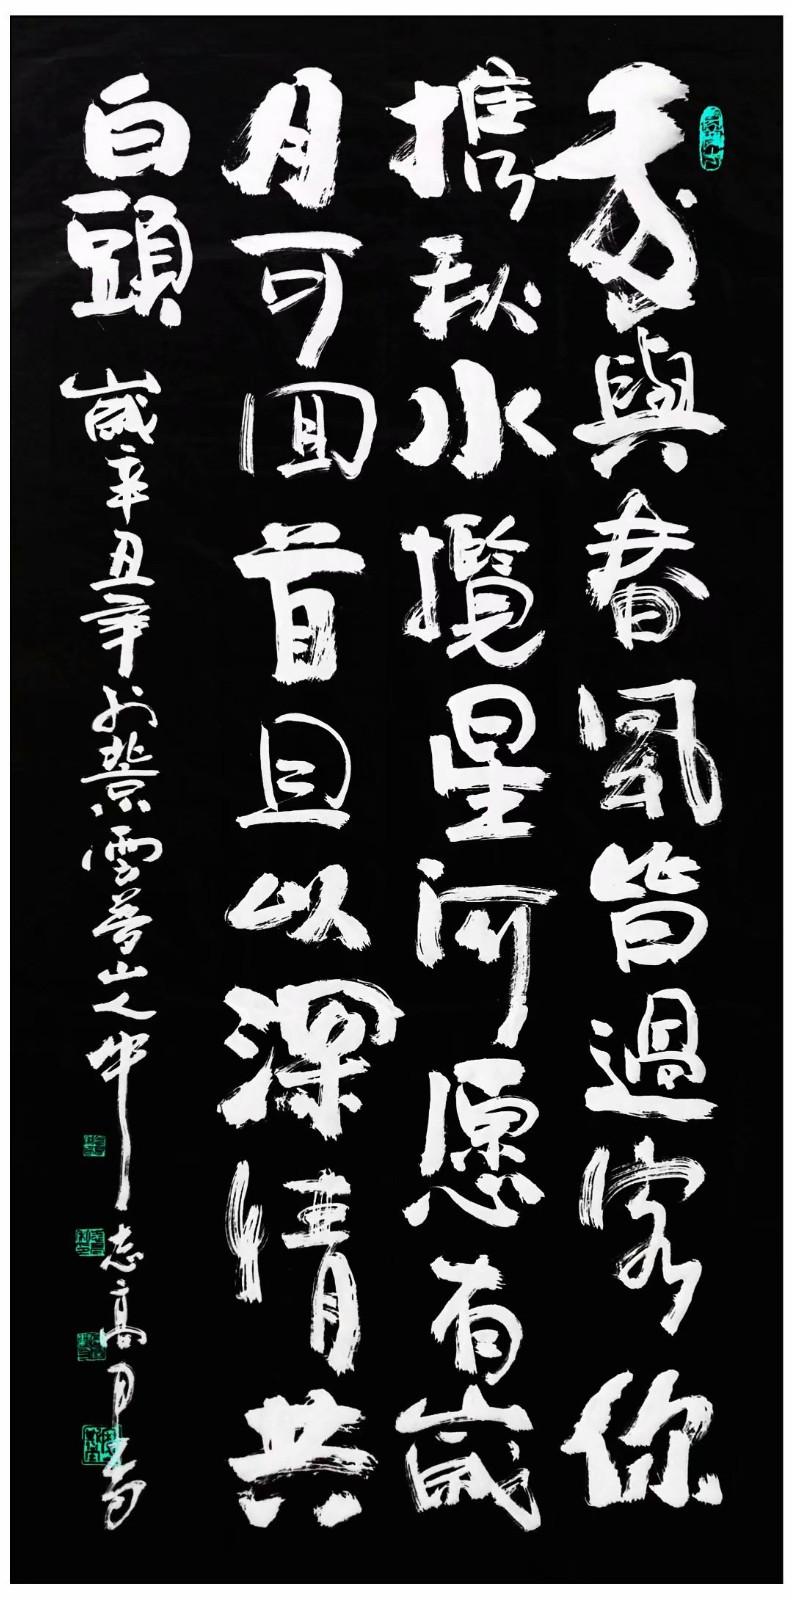 牛志高书法2021.04.04_图1-1